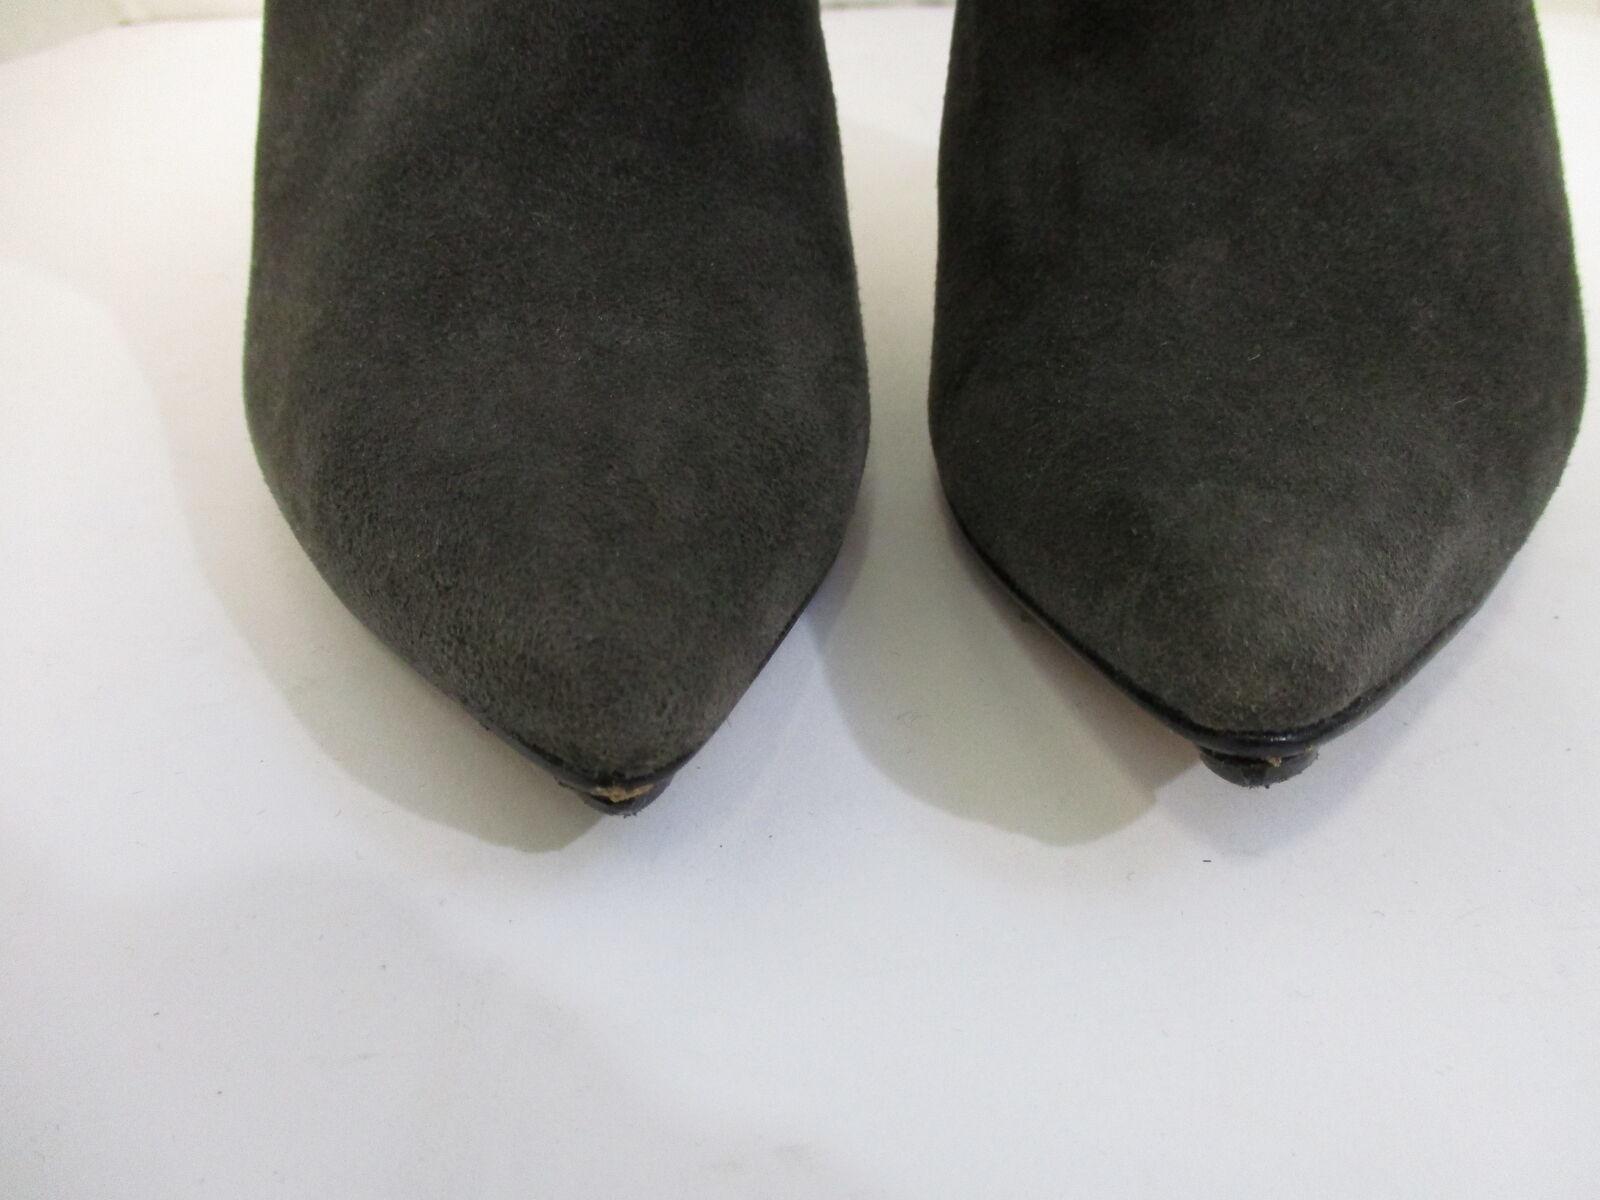 LA FENICE Grau suede pointed toe slim knee- high slim toe heel Stiefel sz 7 1/2 f29d95